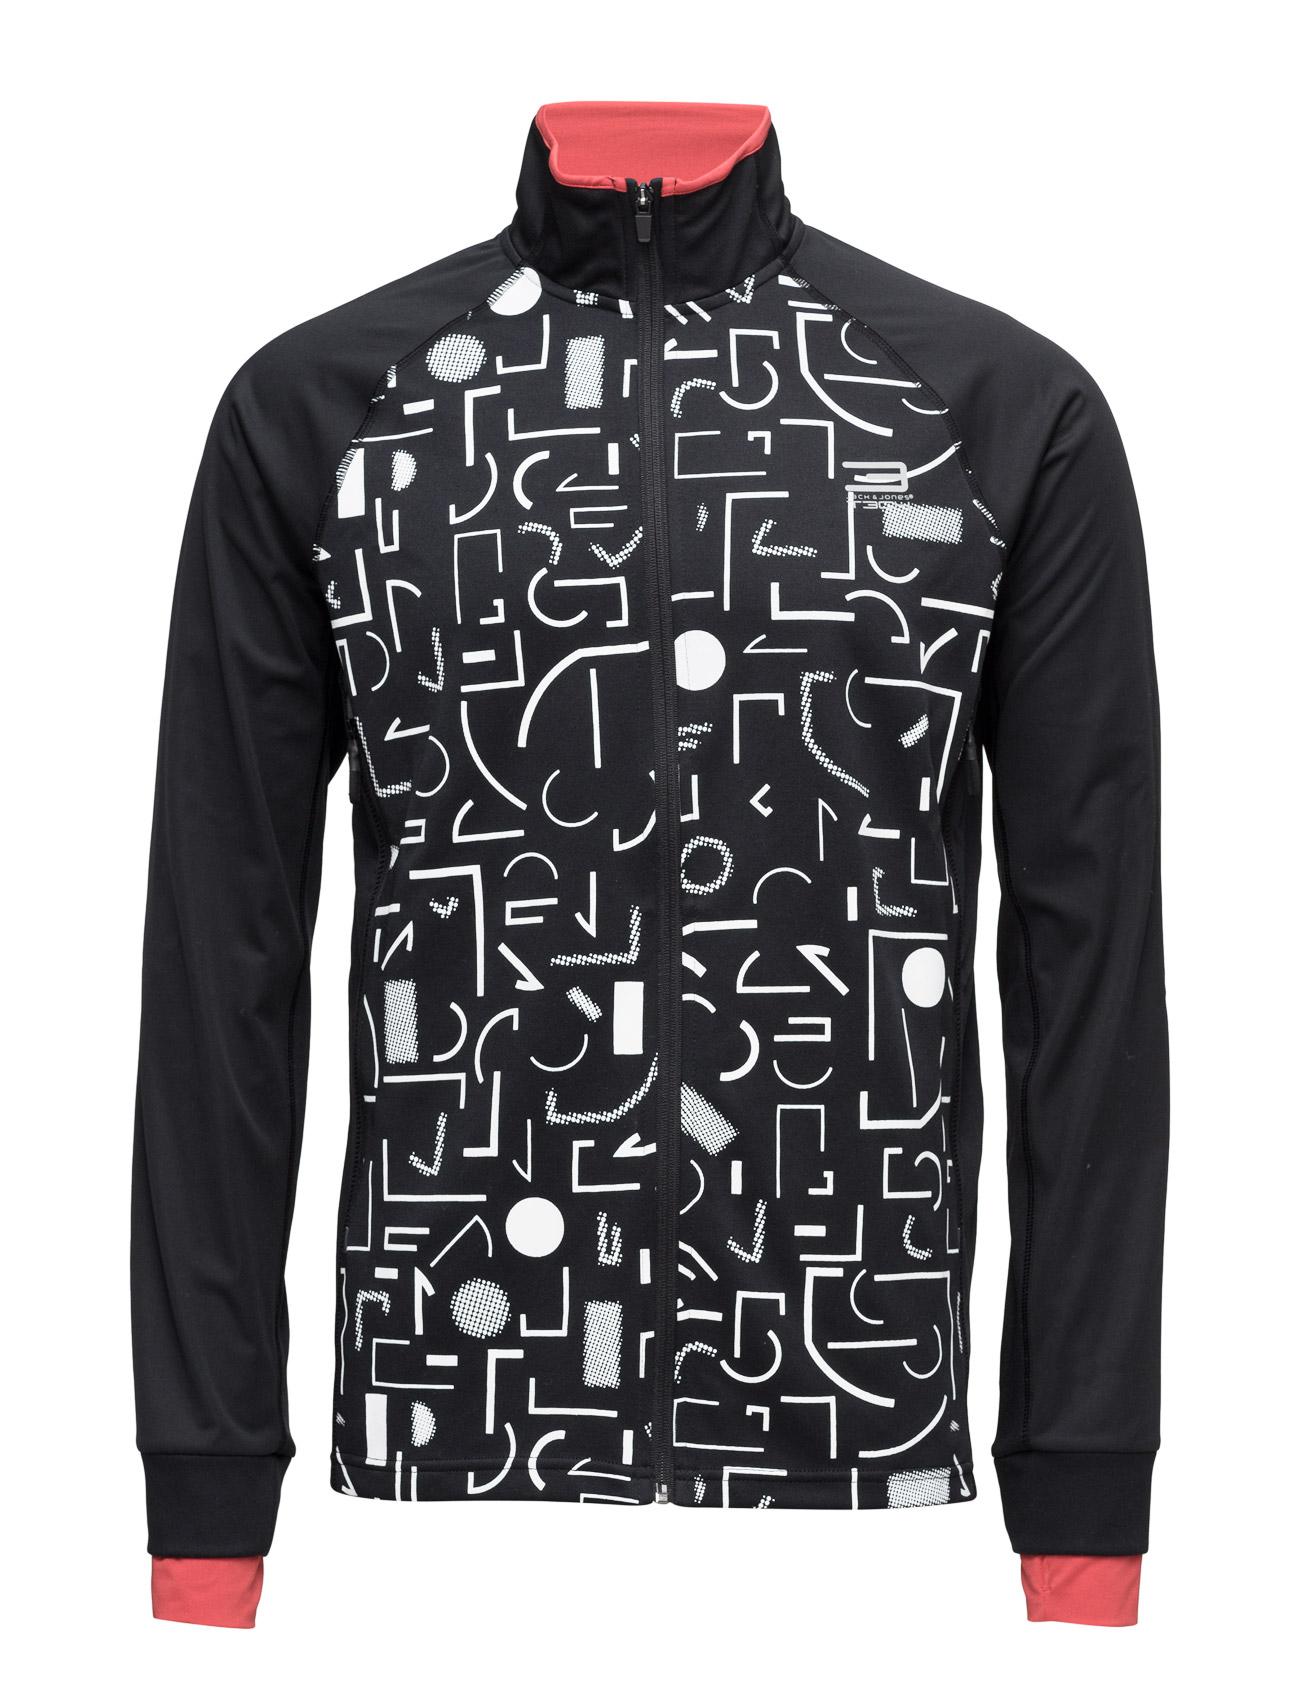 c38d405e258 Køb Jjtctraining3 Shield Suit Jacket Jack & Jones Tech Sports toppe i Sort  til Mænd i en online modebutik